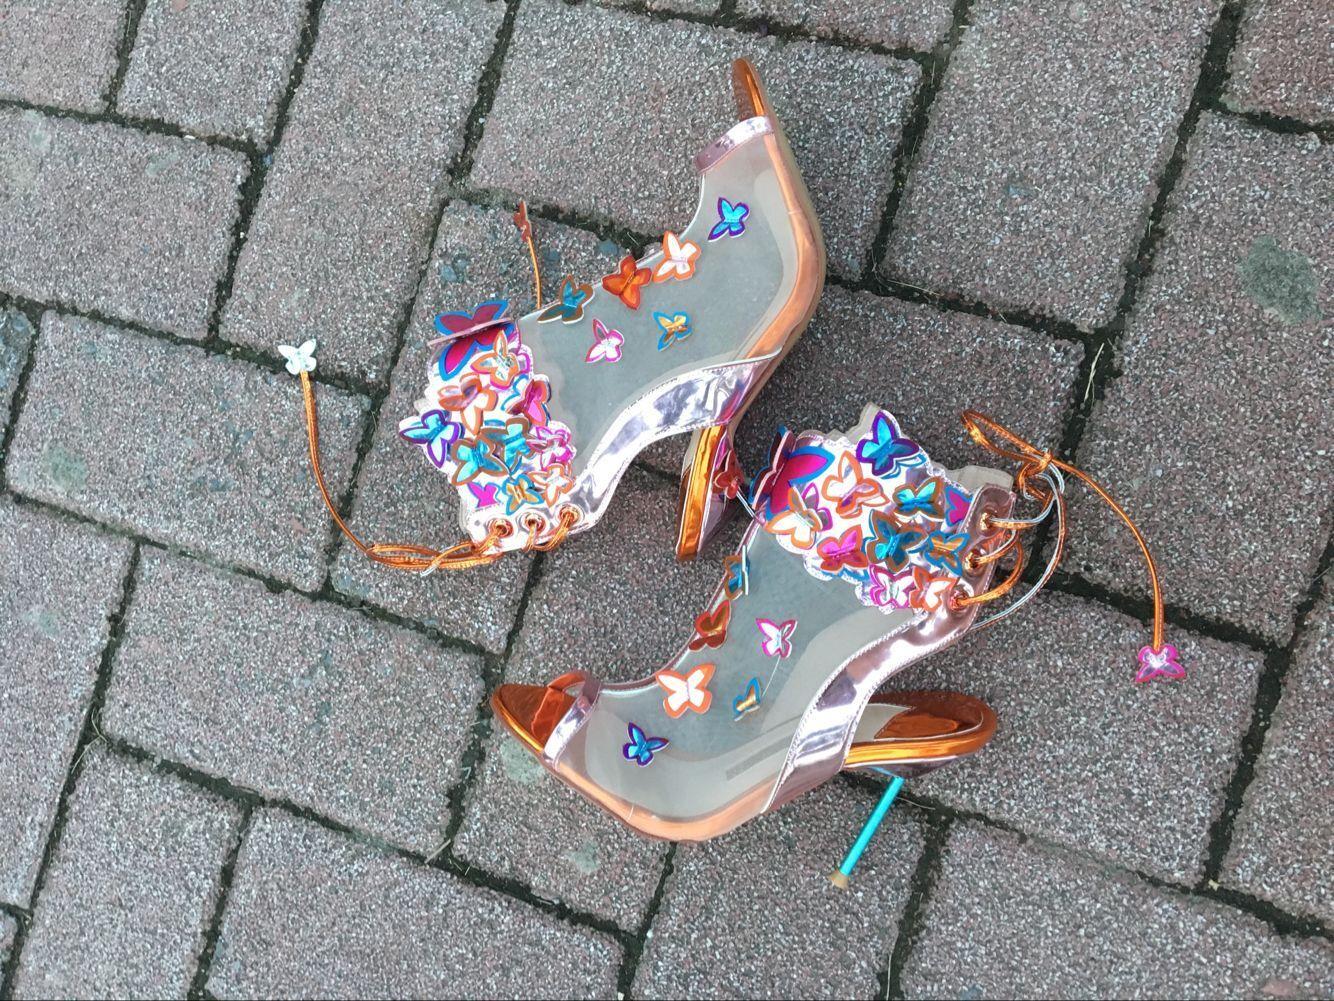 2017 صوفيا ويبستر الوئام شبكة 3d فراشة bootie حذاء روزا / الفيروز / أورانج عالية الكعب المرأة الصيف اللمحة تو الصنادل الأحذية